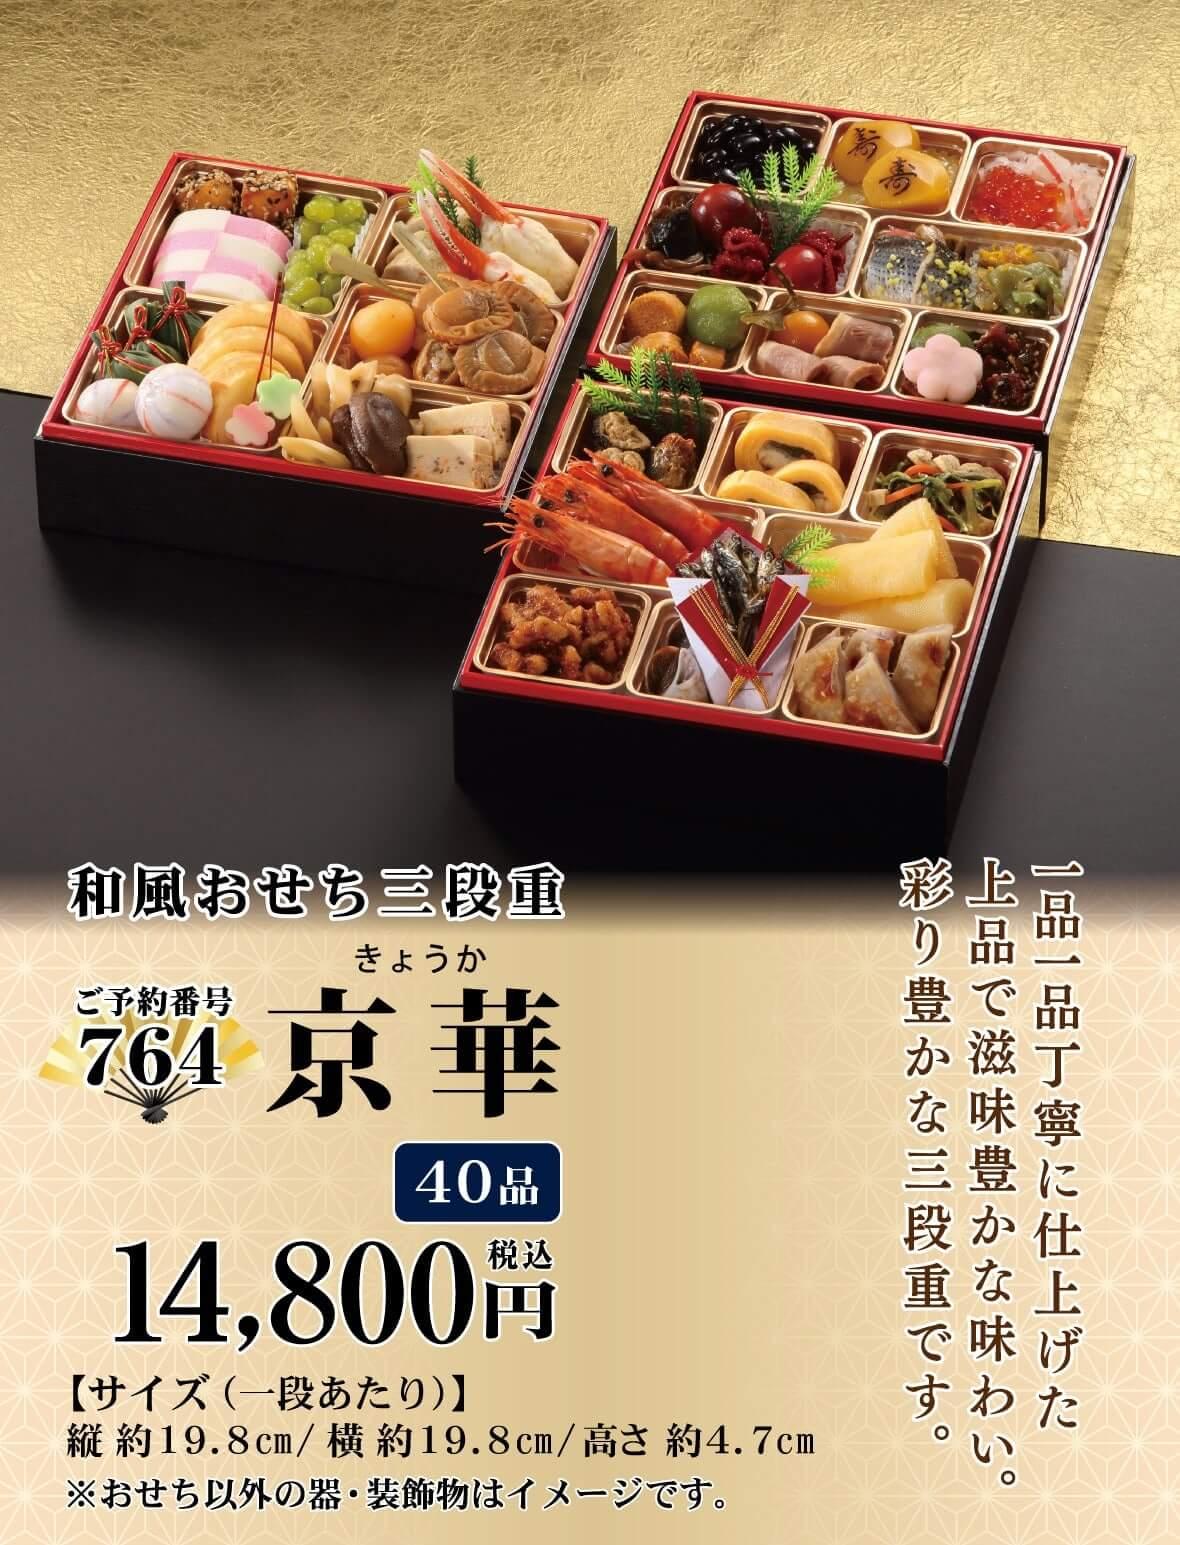 札幌海鮮丸のおせち2021『京華』